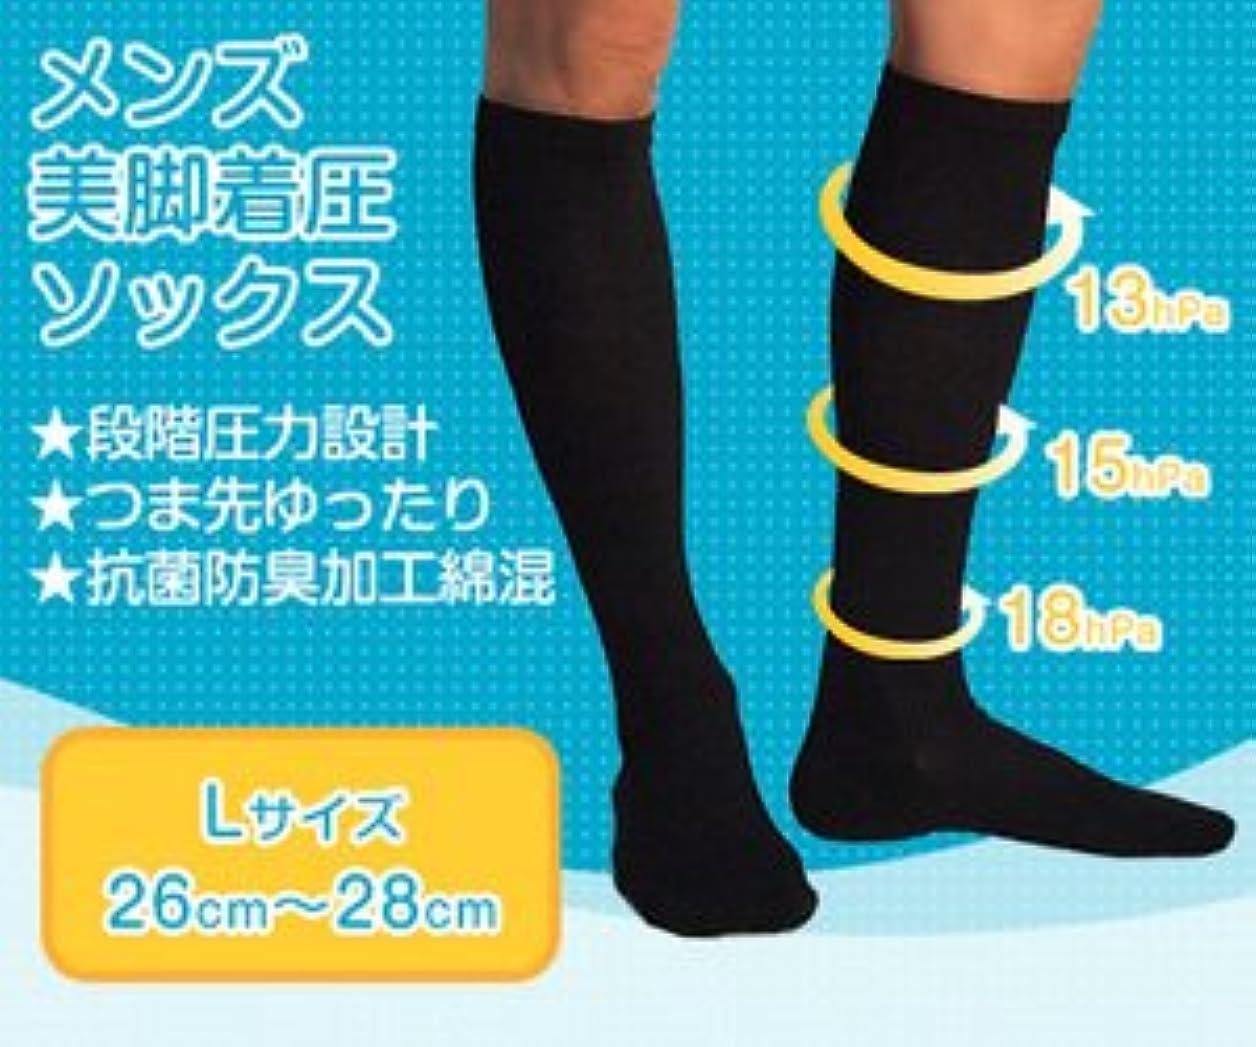 フィードオン時系列アスレチック3足組 男性用 大きいサイズ 綿 着圧ソックス 足の疲れ むくみ対策 黒 26-28cm 太陽ニット N001L